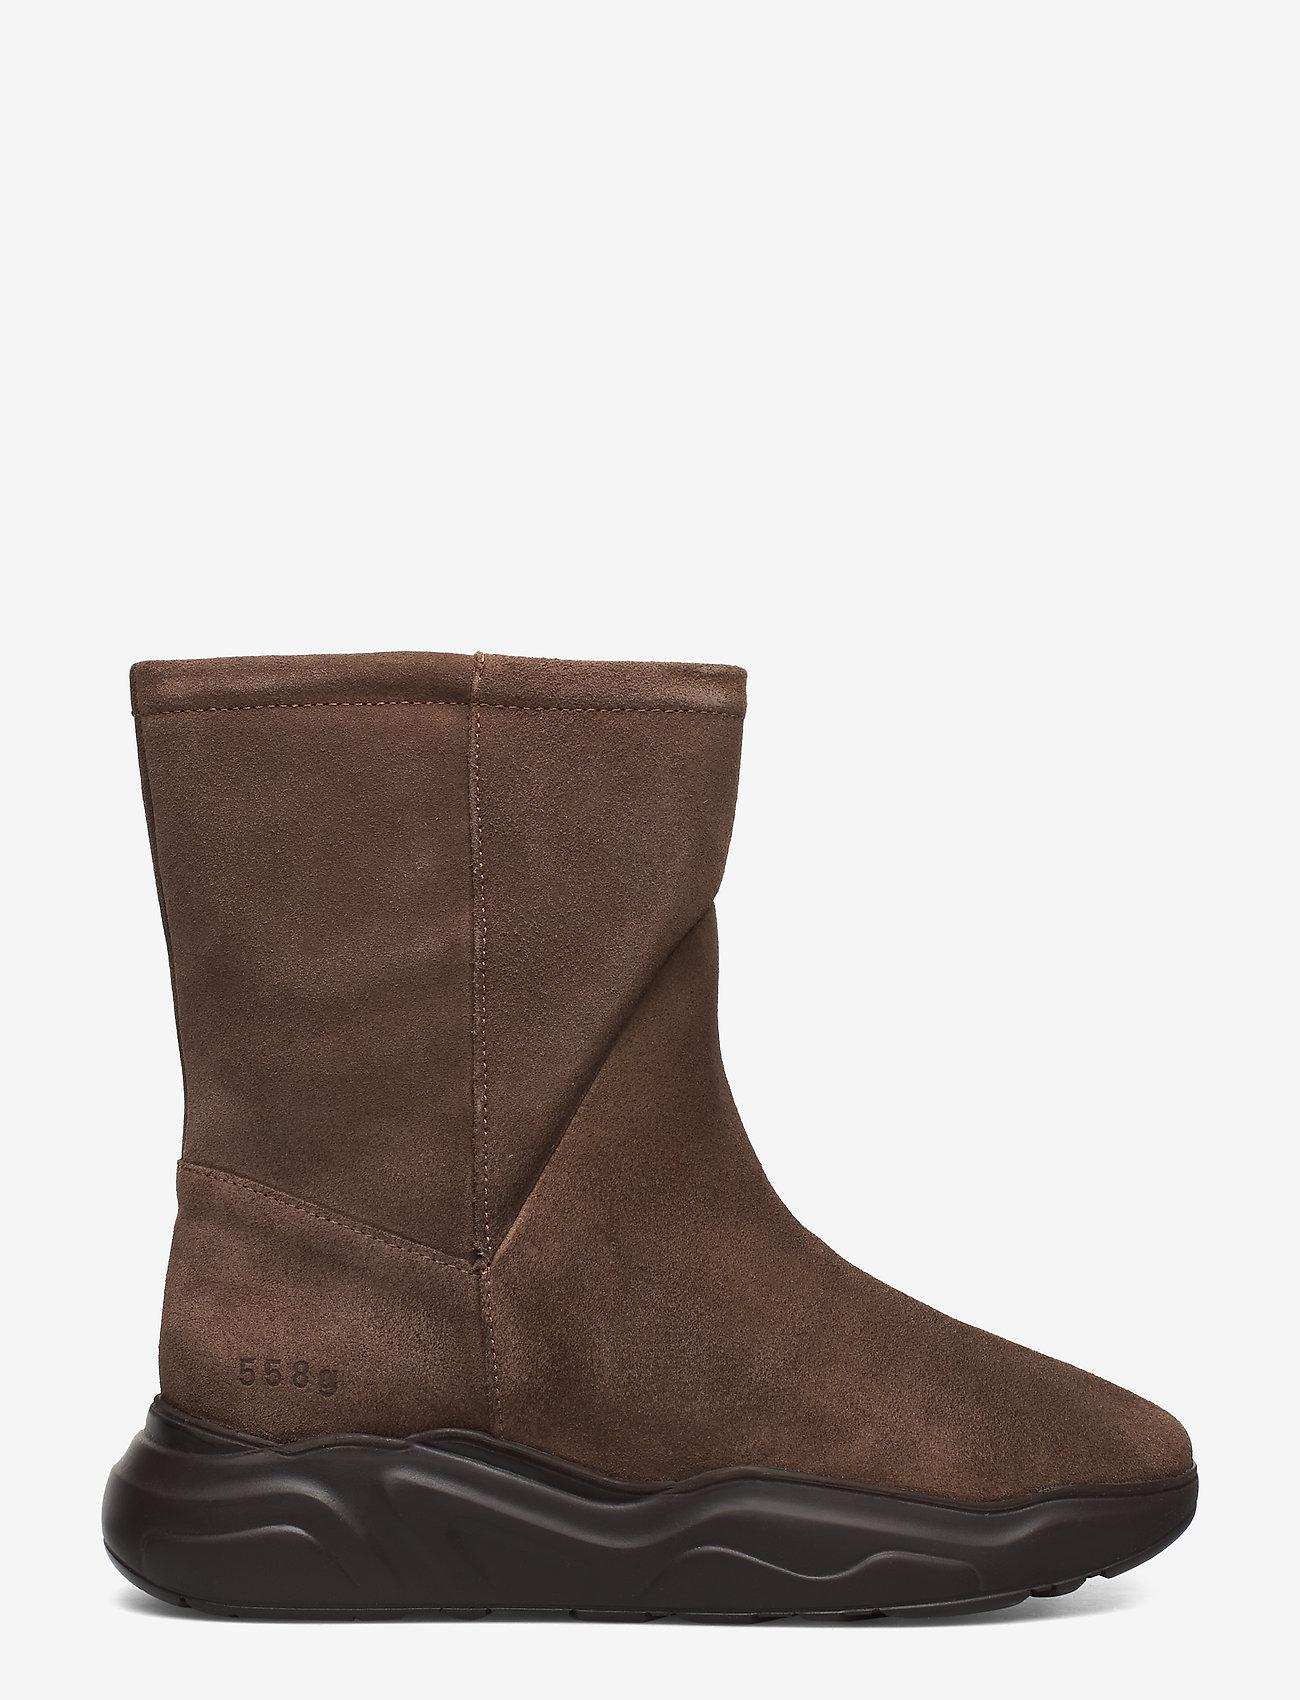 558g Boot Walnut Suede (Walnut) (1317 kr) - Gram